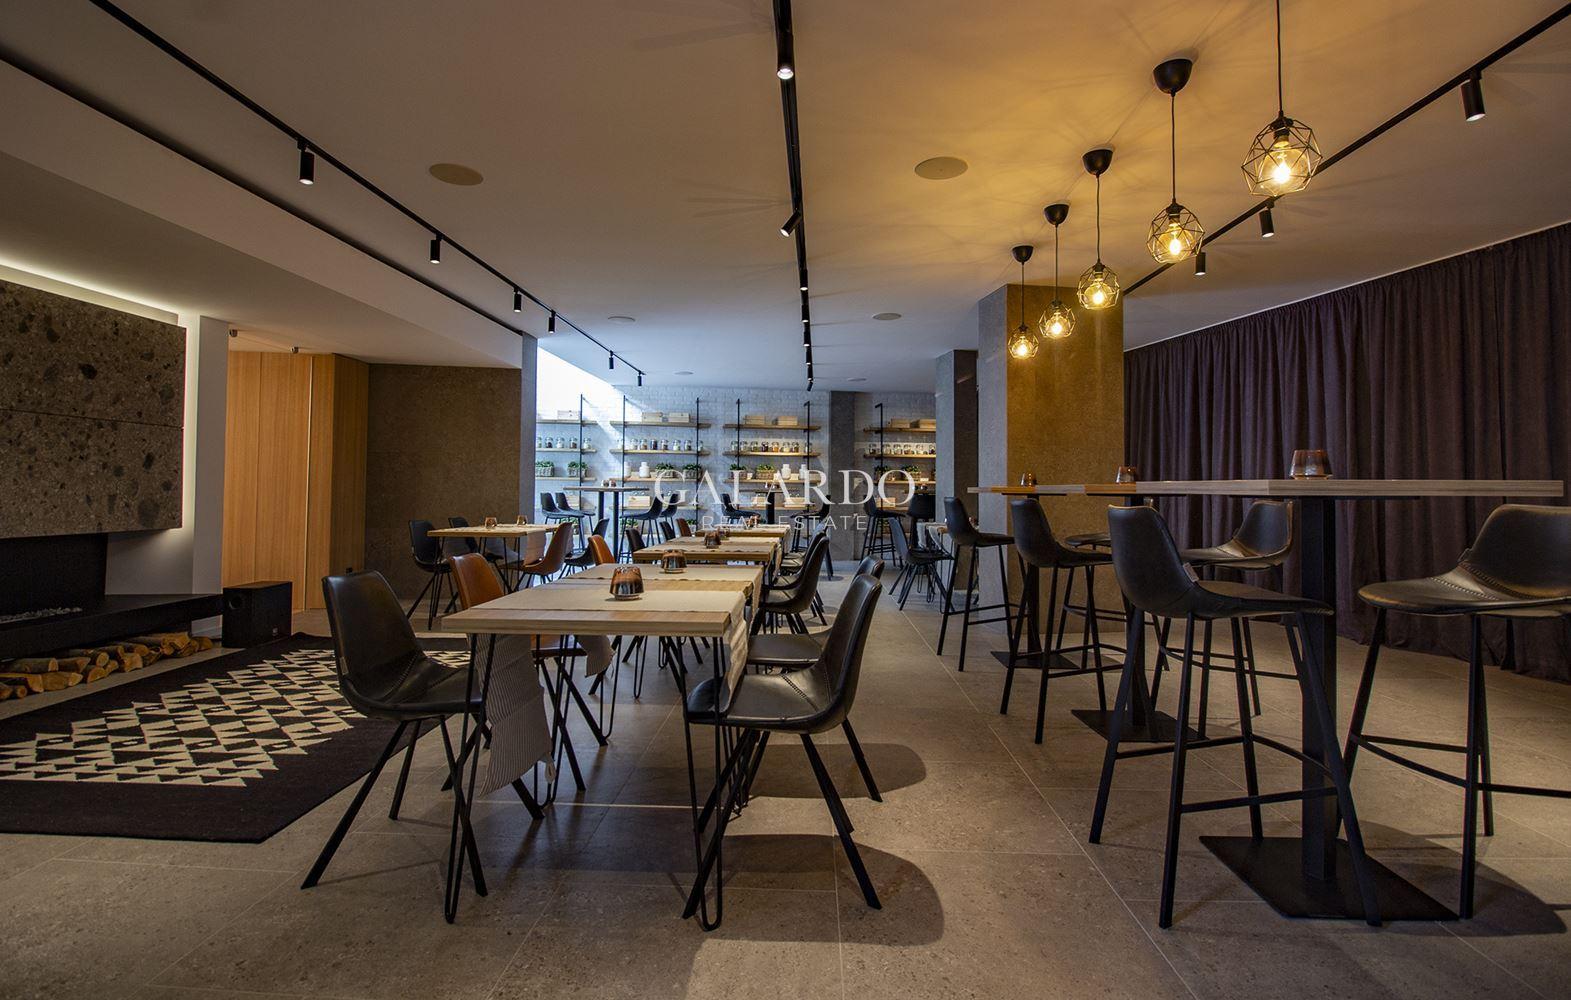 Luxurious restaurant in Manastirski livadi district